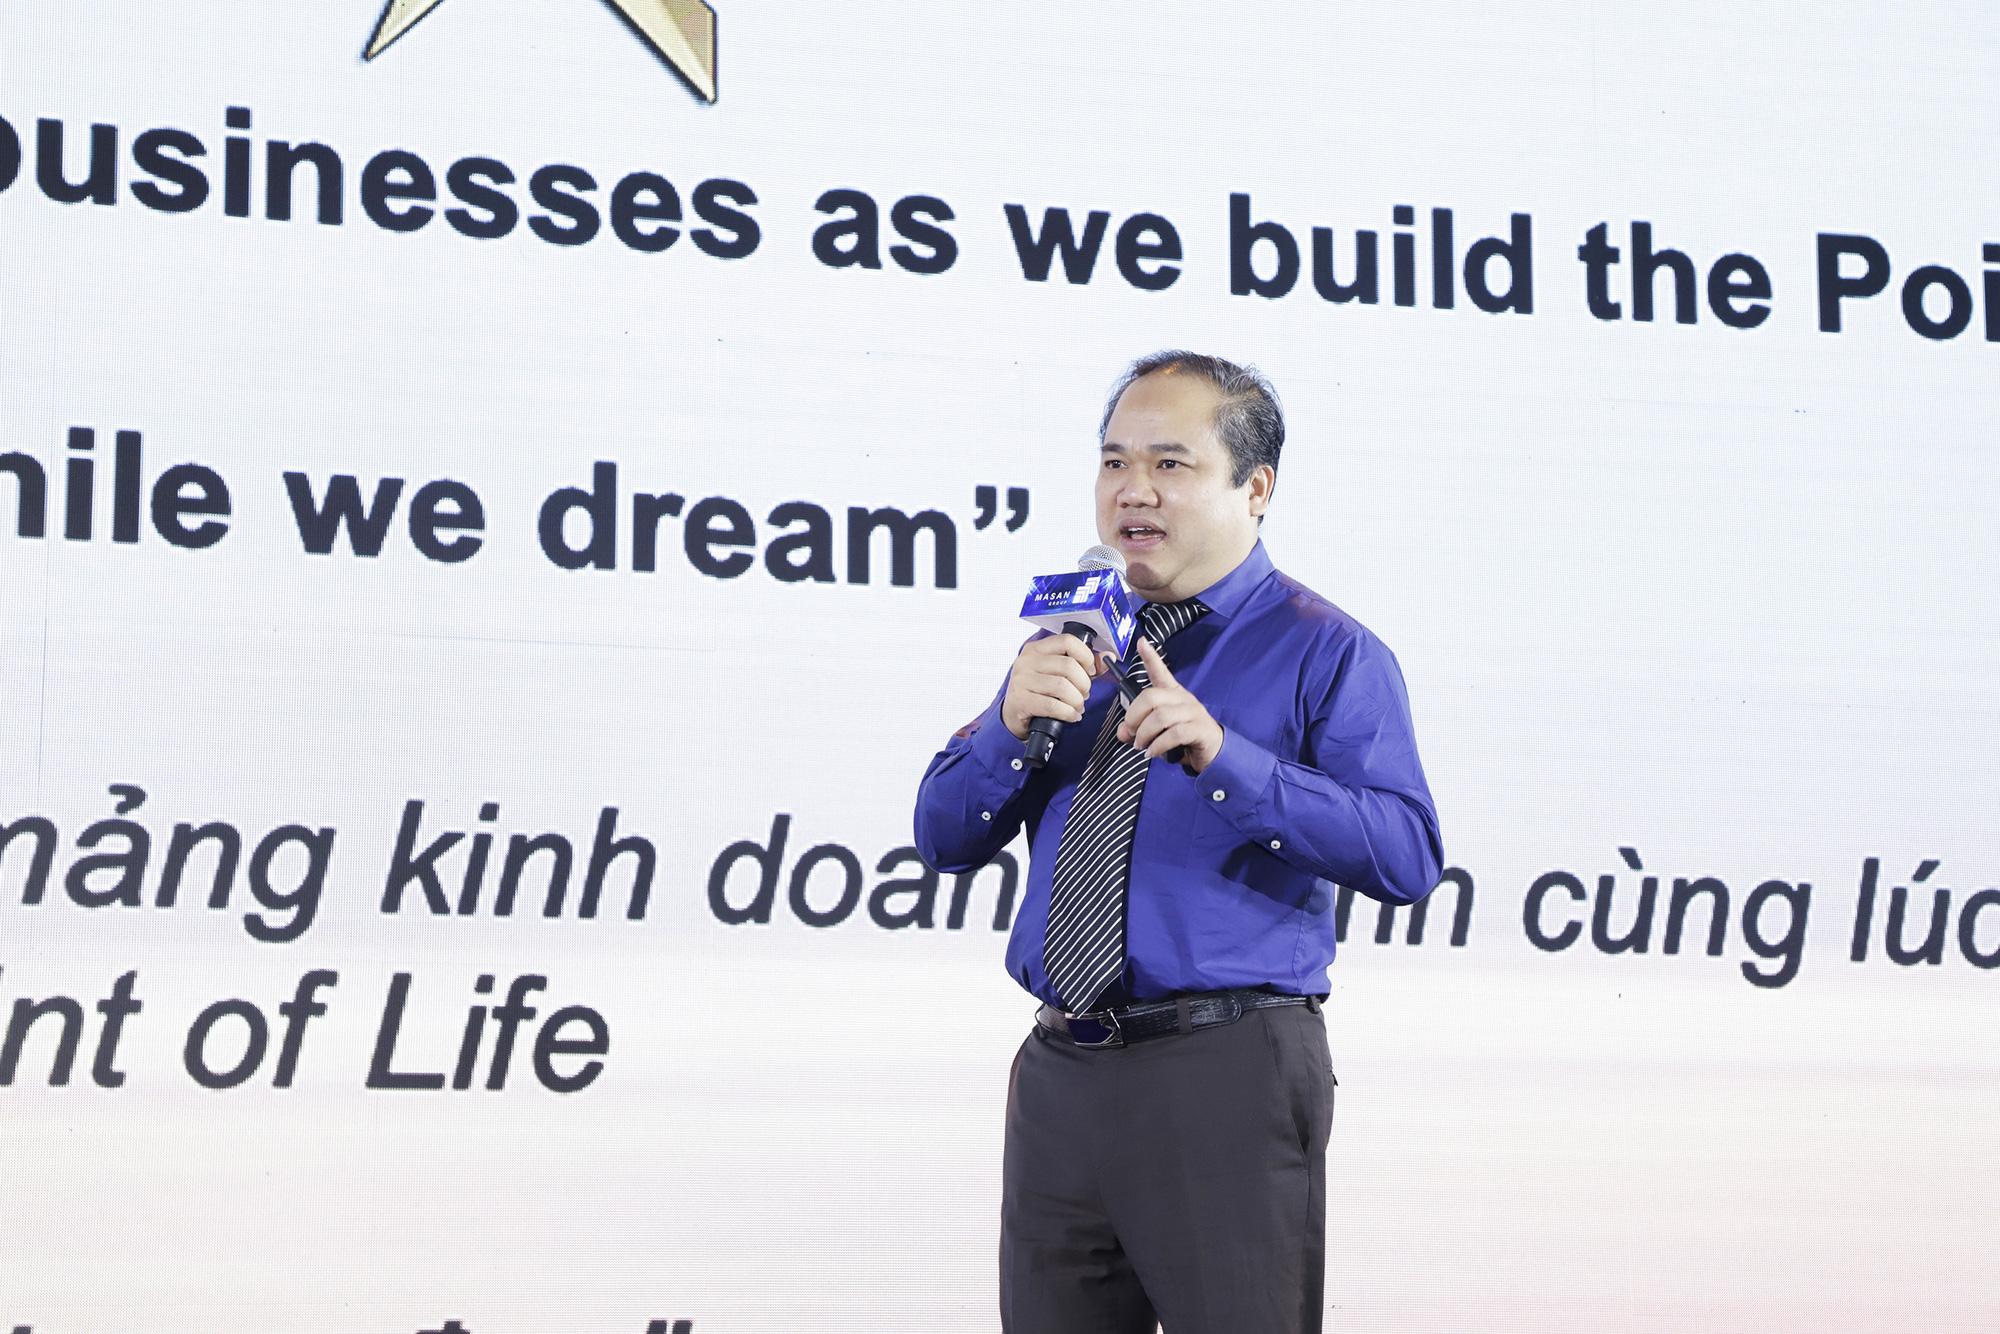 Masan và mục tiêu trở thành nhà bán lẻ hàng đầu Việt Nam, hướng về thị trường nông thôn, phục vụ 30-50 triệu người - Ảnh 3.